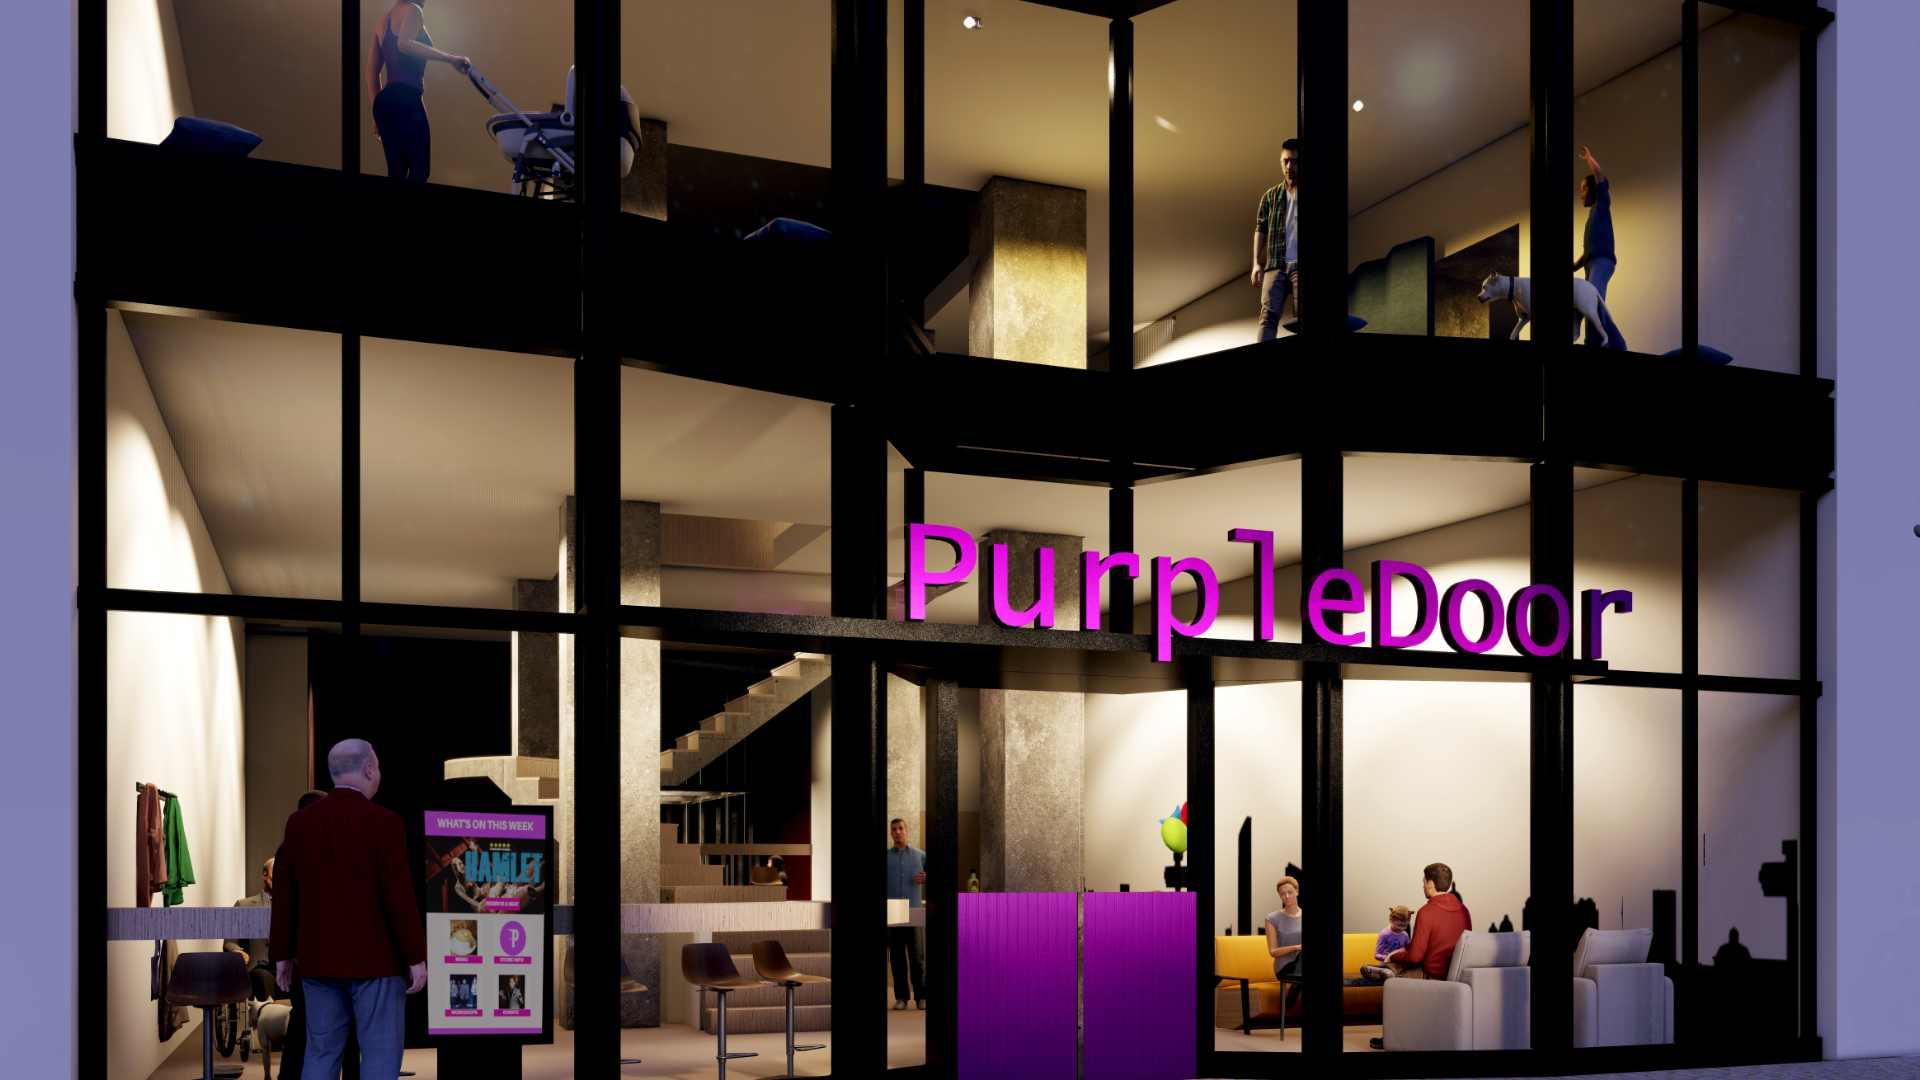 exterior of the purpledoor